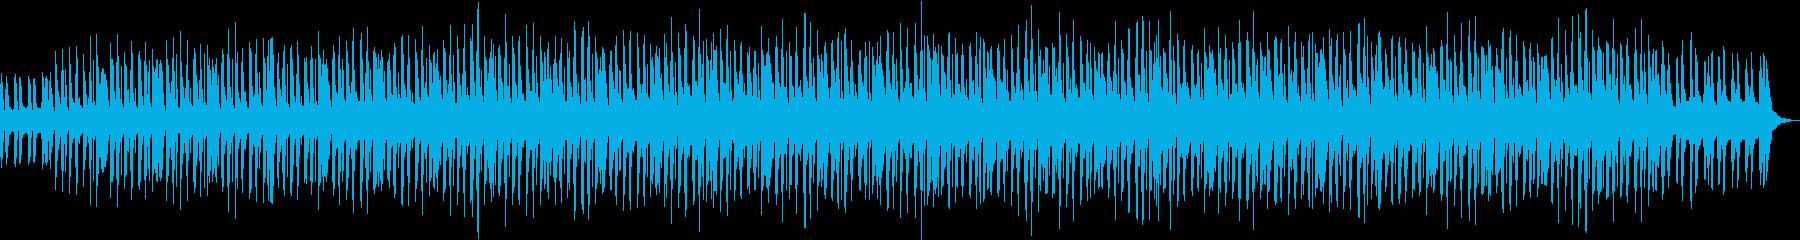 はつらつ、元気なイメージの商品紹介BGMの再生済みの波形